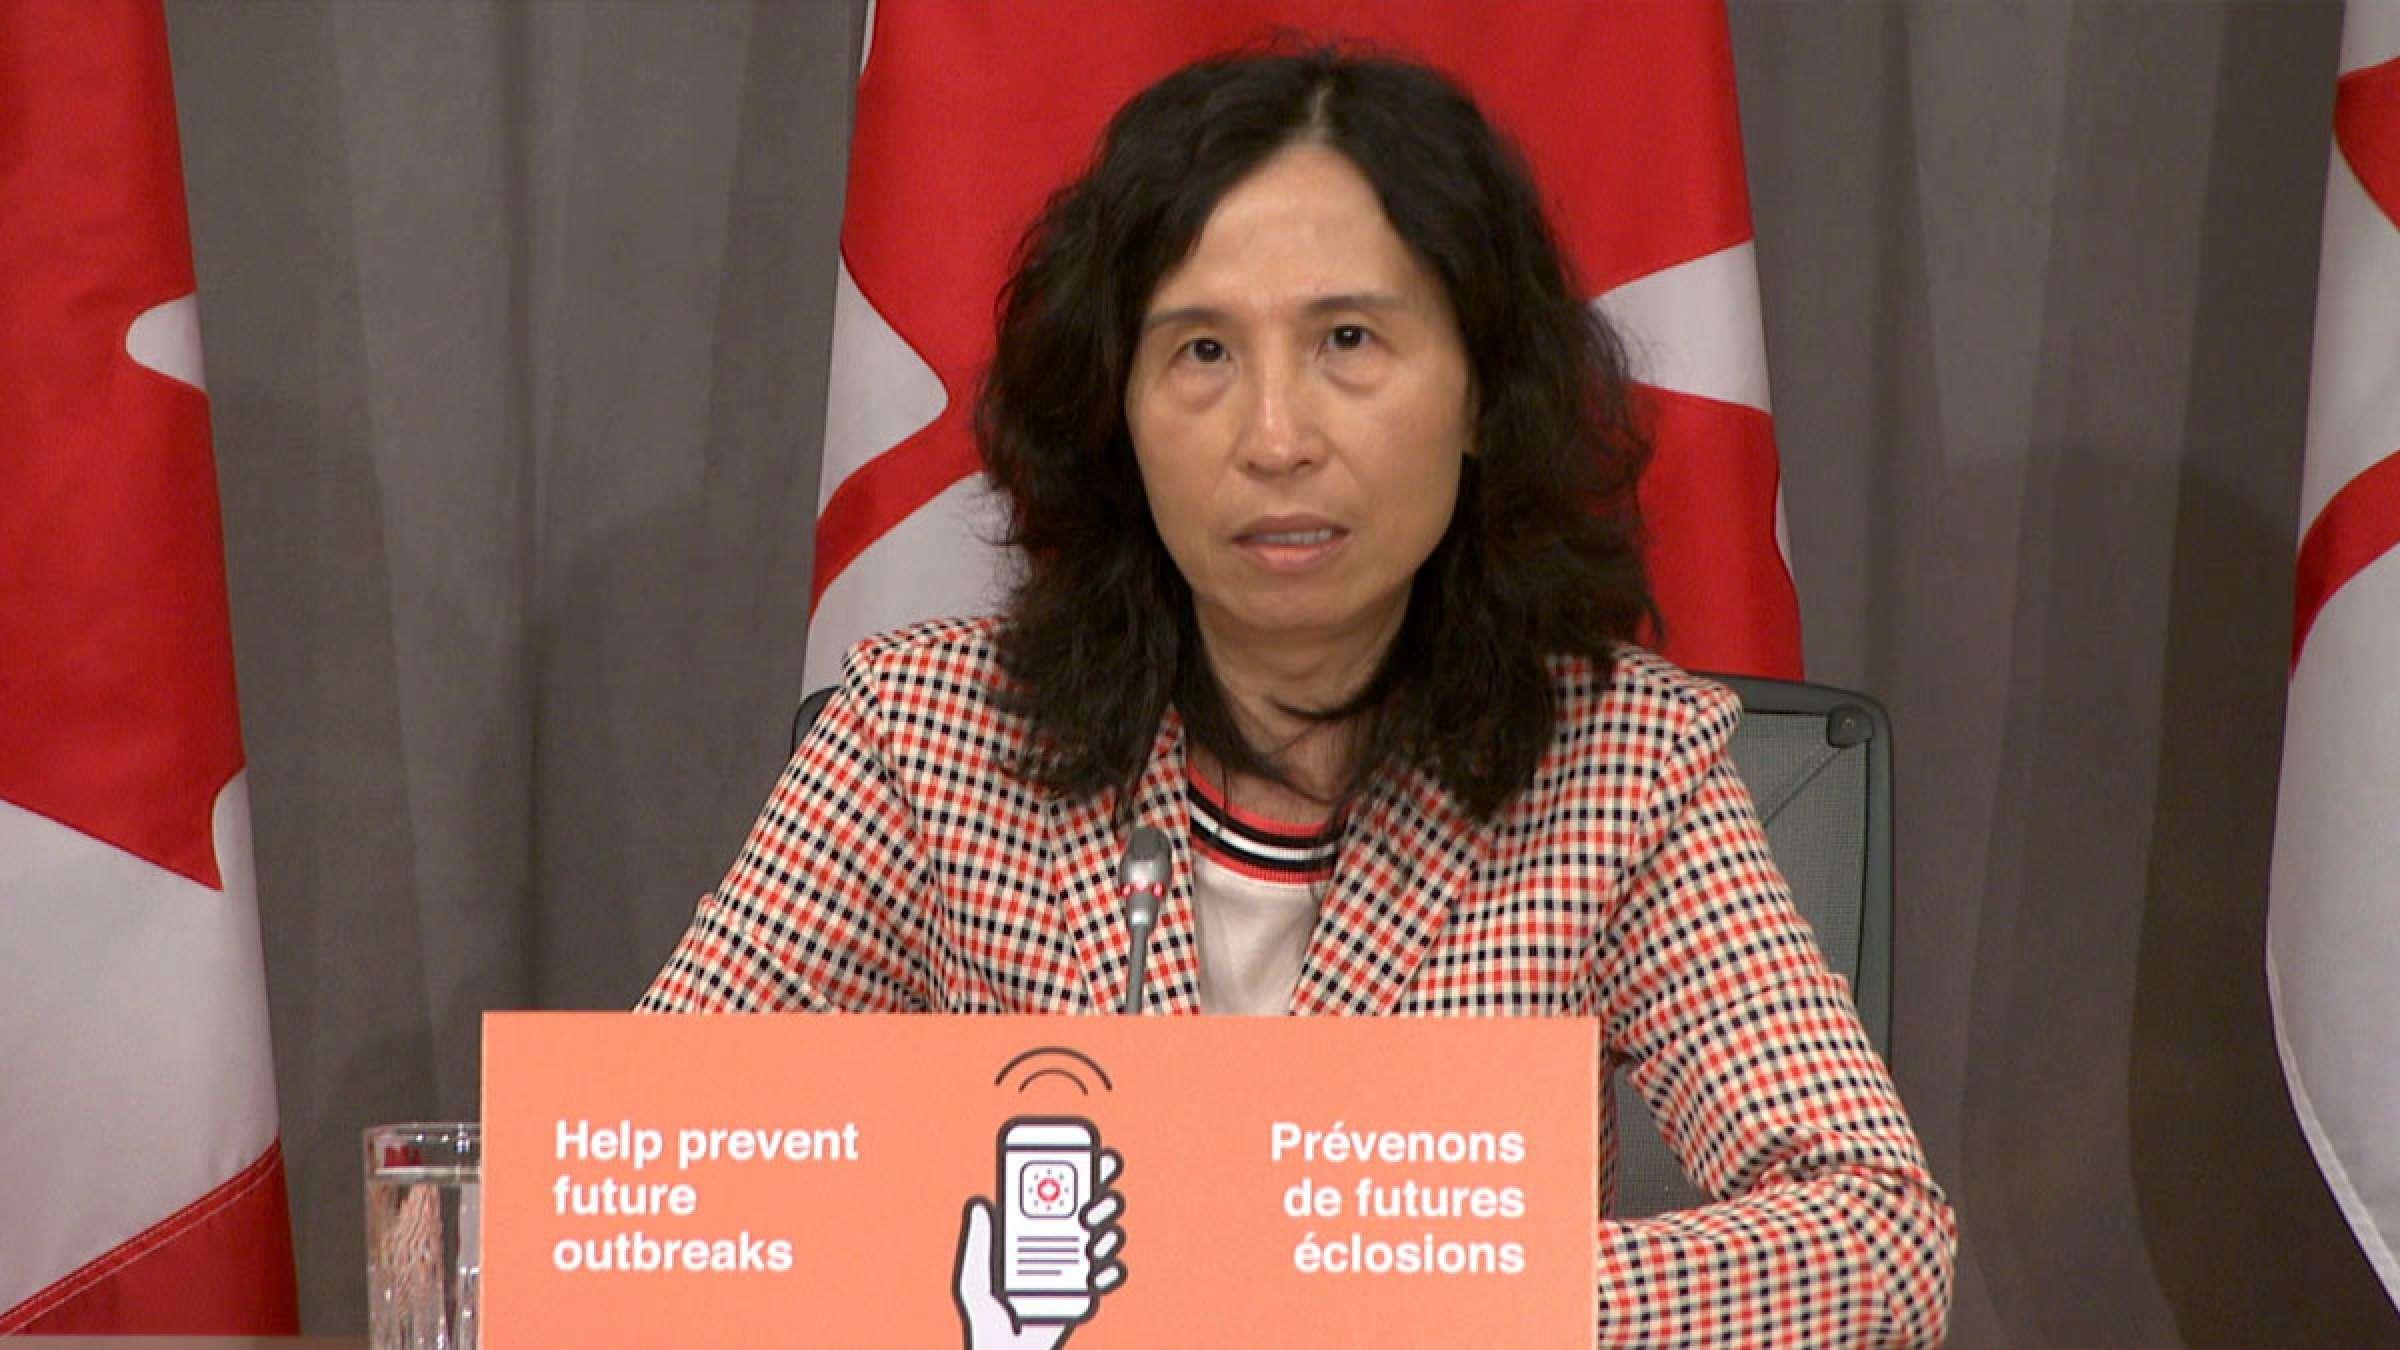 اخبار-کانادا-مدیر-ارشد-بهداشت-کانادا-ماسک-و-فاصله-اجتماعی-پس-از-واکسن-نیز-تا-۲-یا-۳-سال-آینده-با-ماست